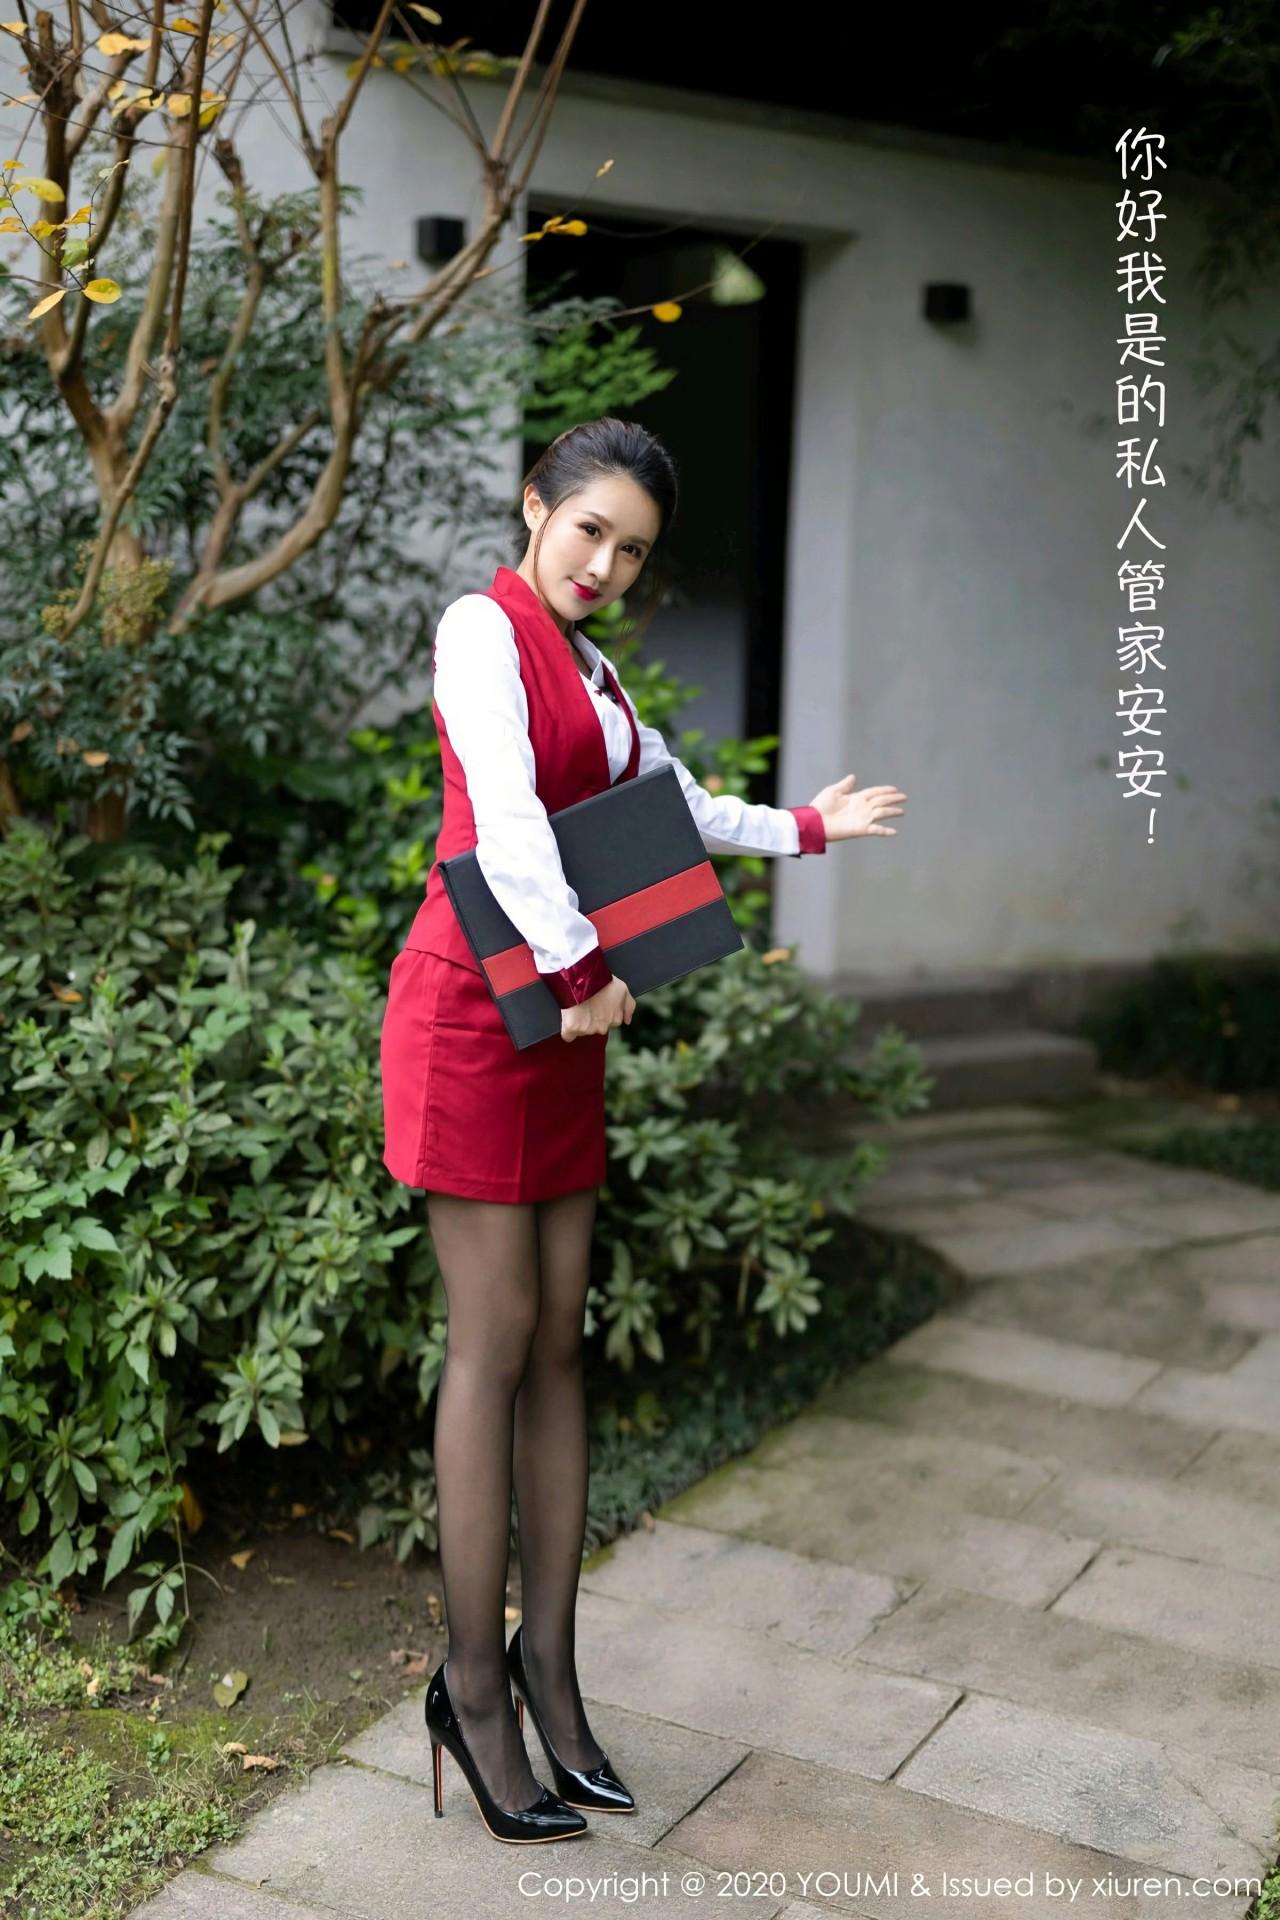 [YOUMI尤蜜荟] 2020.11.24 VOL.562 徐安安 第2张